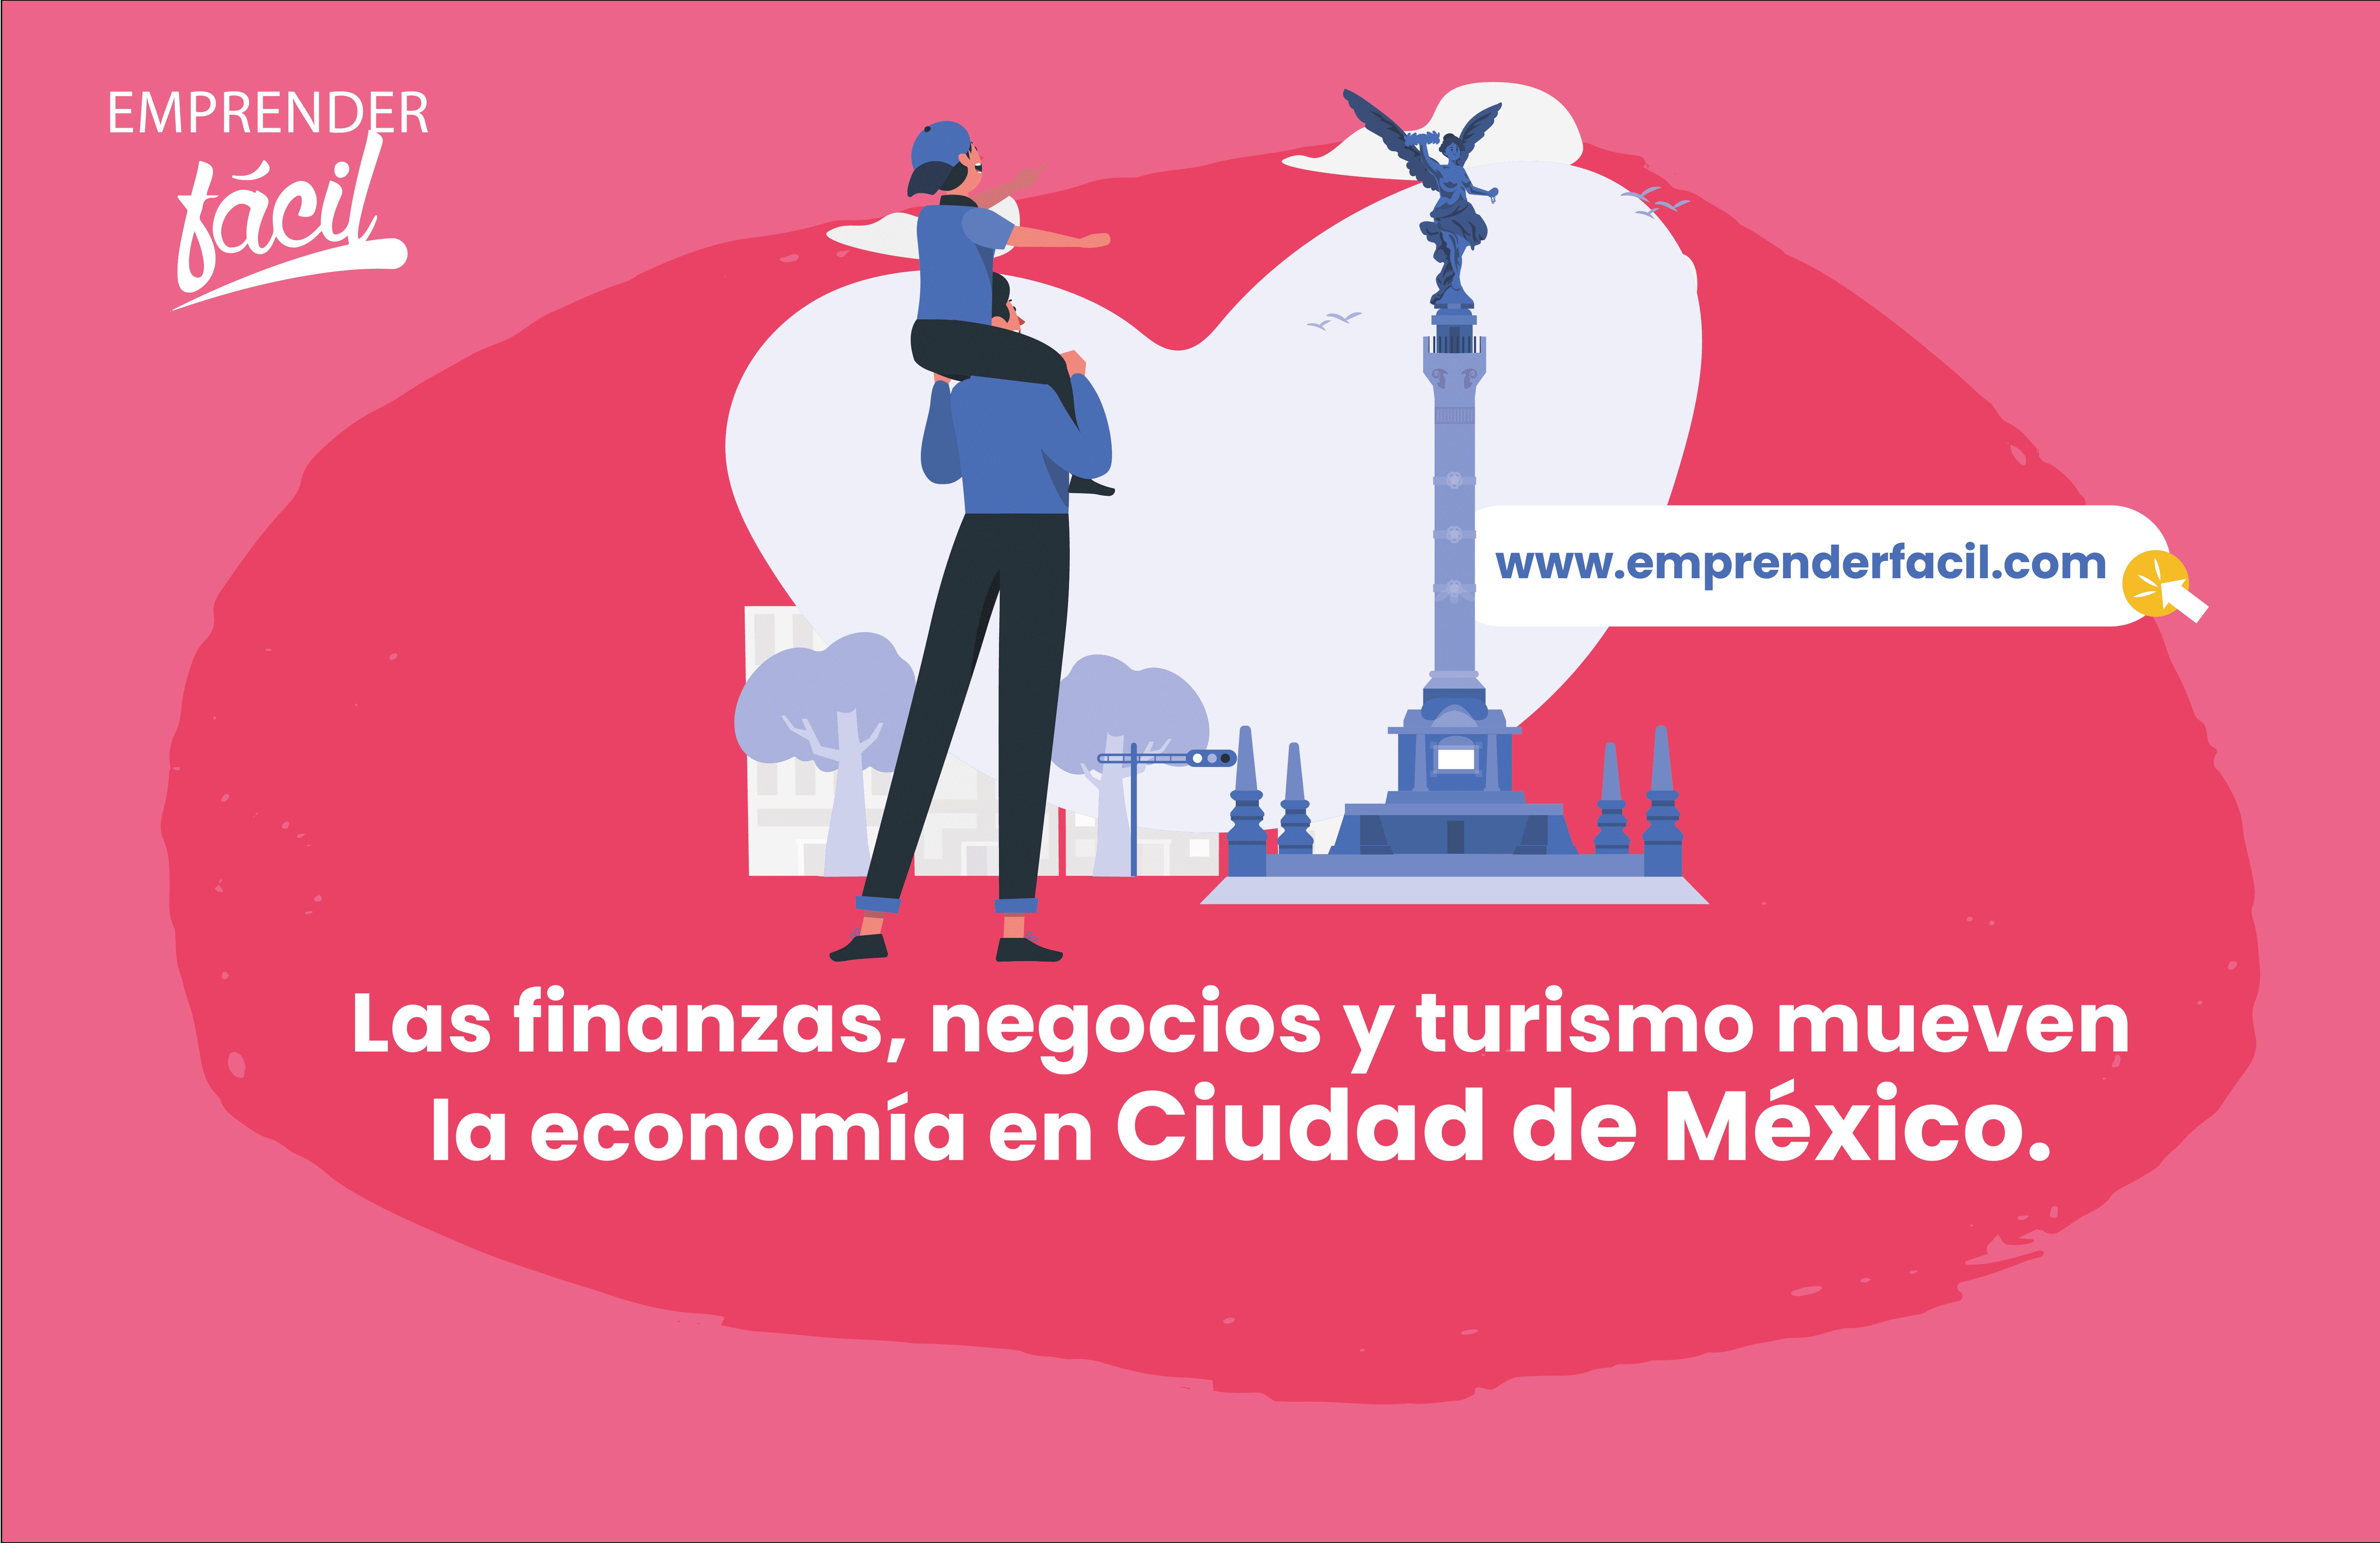 Finanzas, negocios y turismo mueven la economía en Ciudad de México.